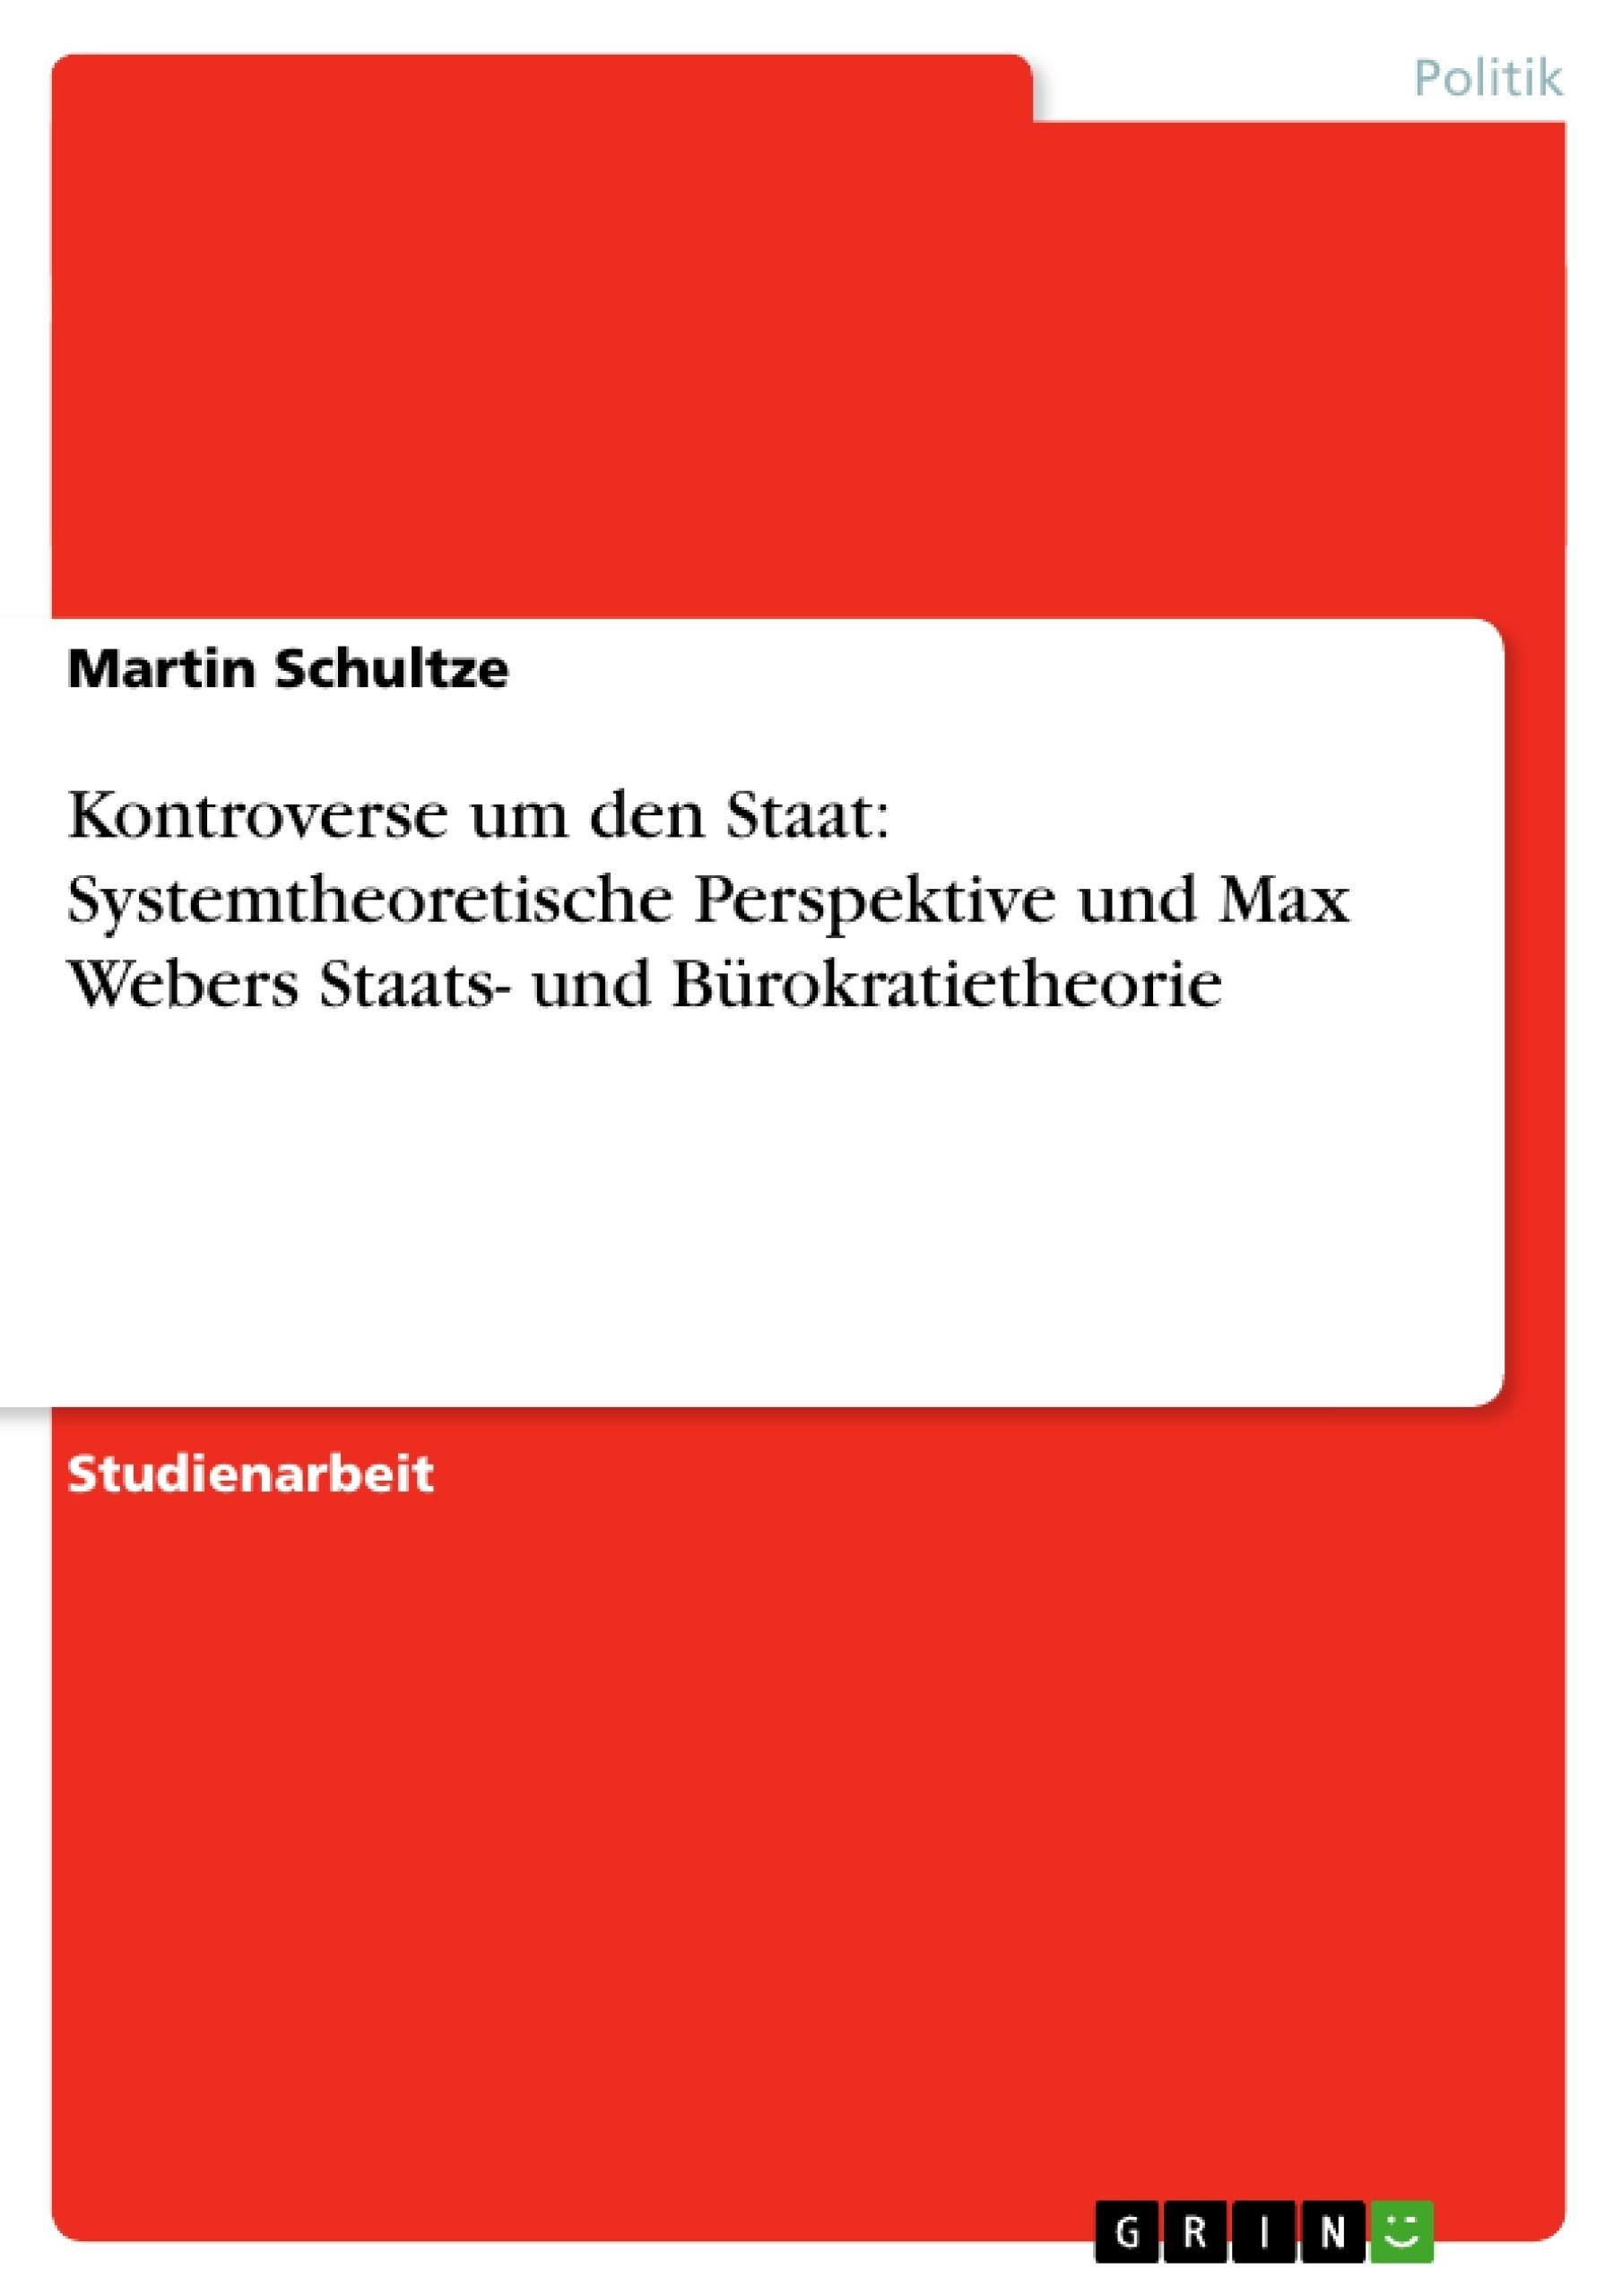 Titel: Kontroverse um den Staat: Systemtheoretische Perspektive und Max Webers Staats- und Bürokratietheorie